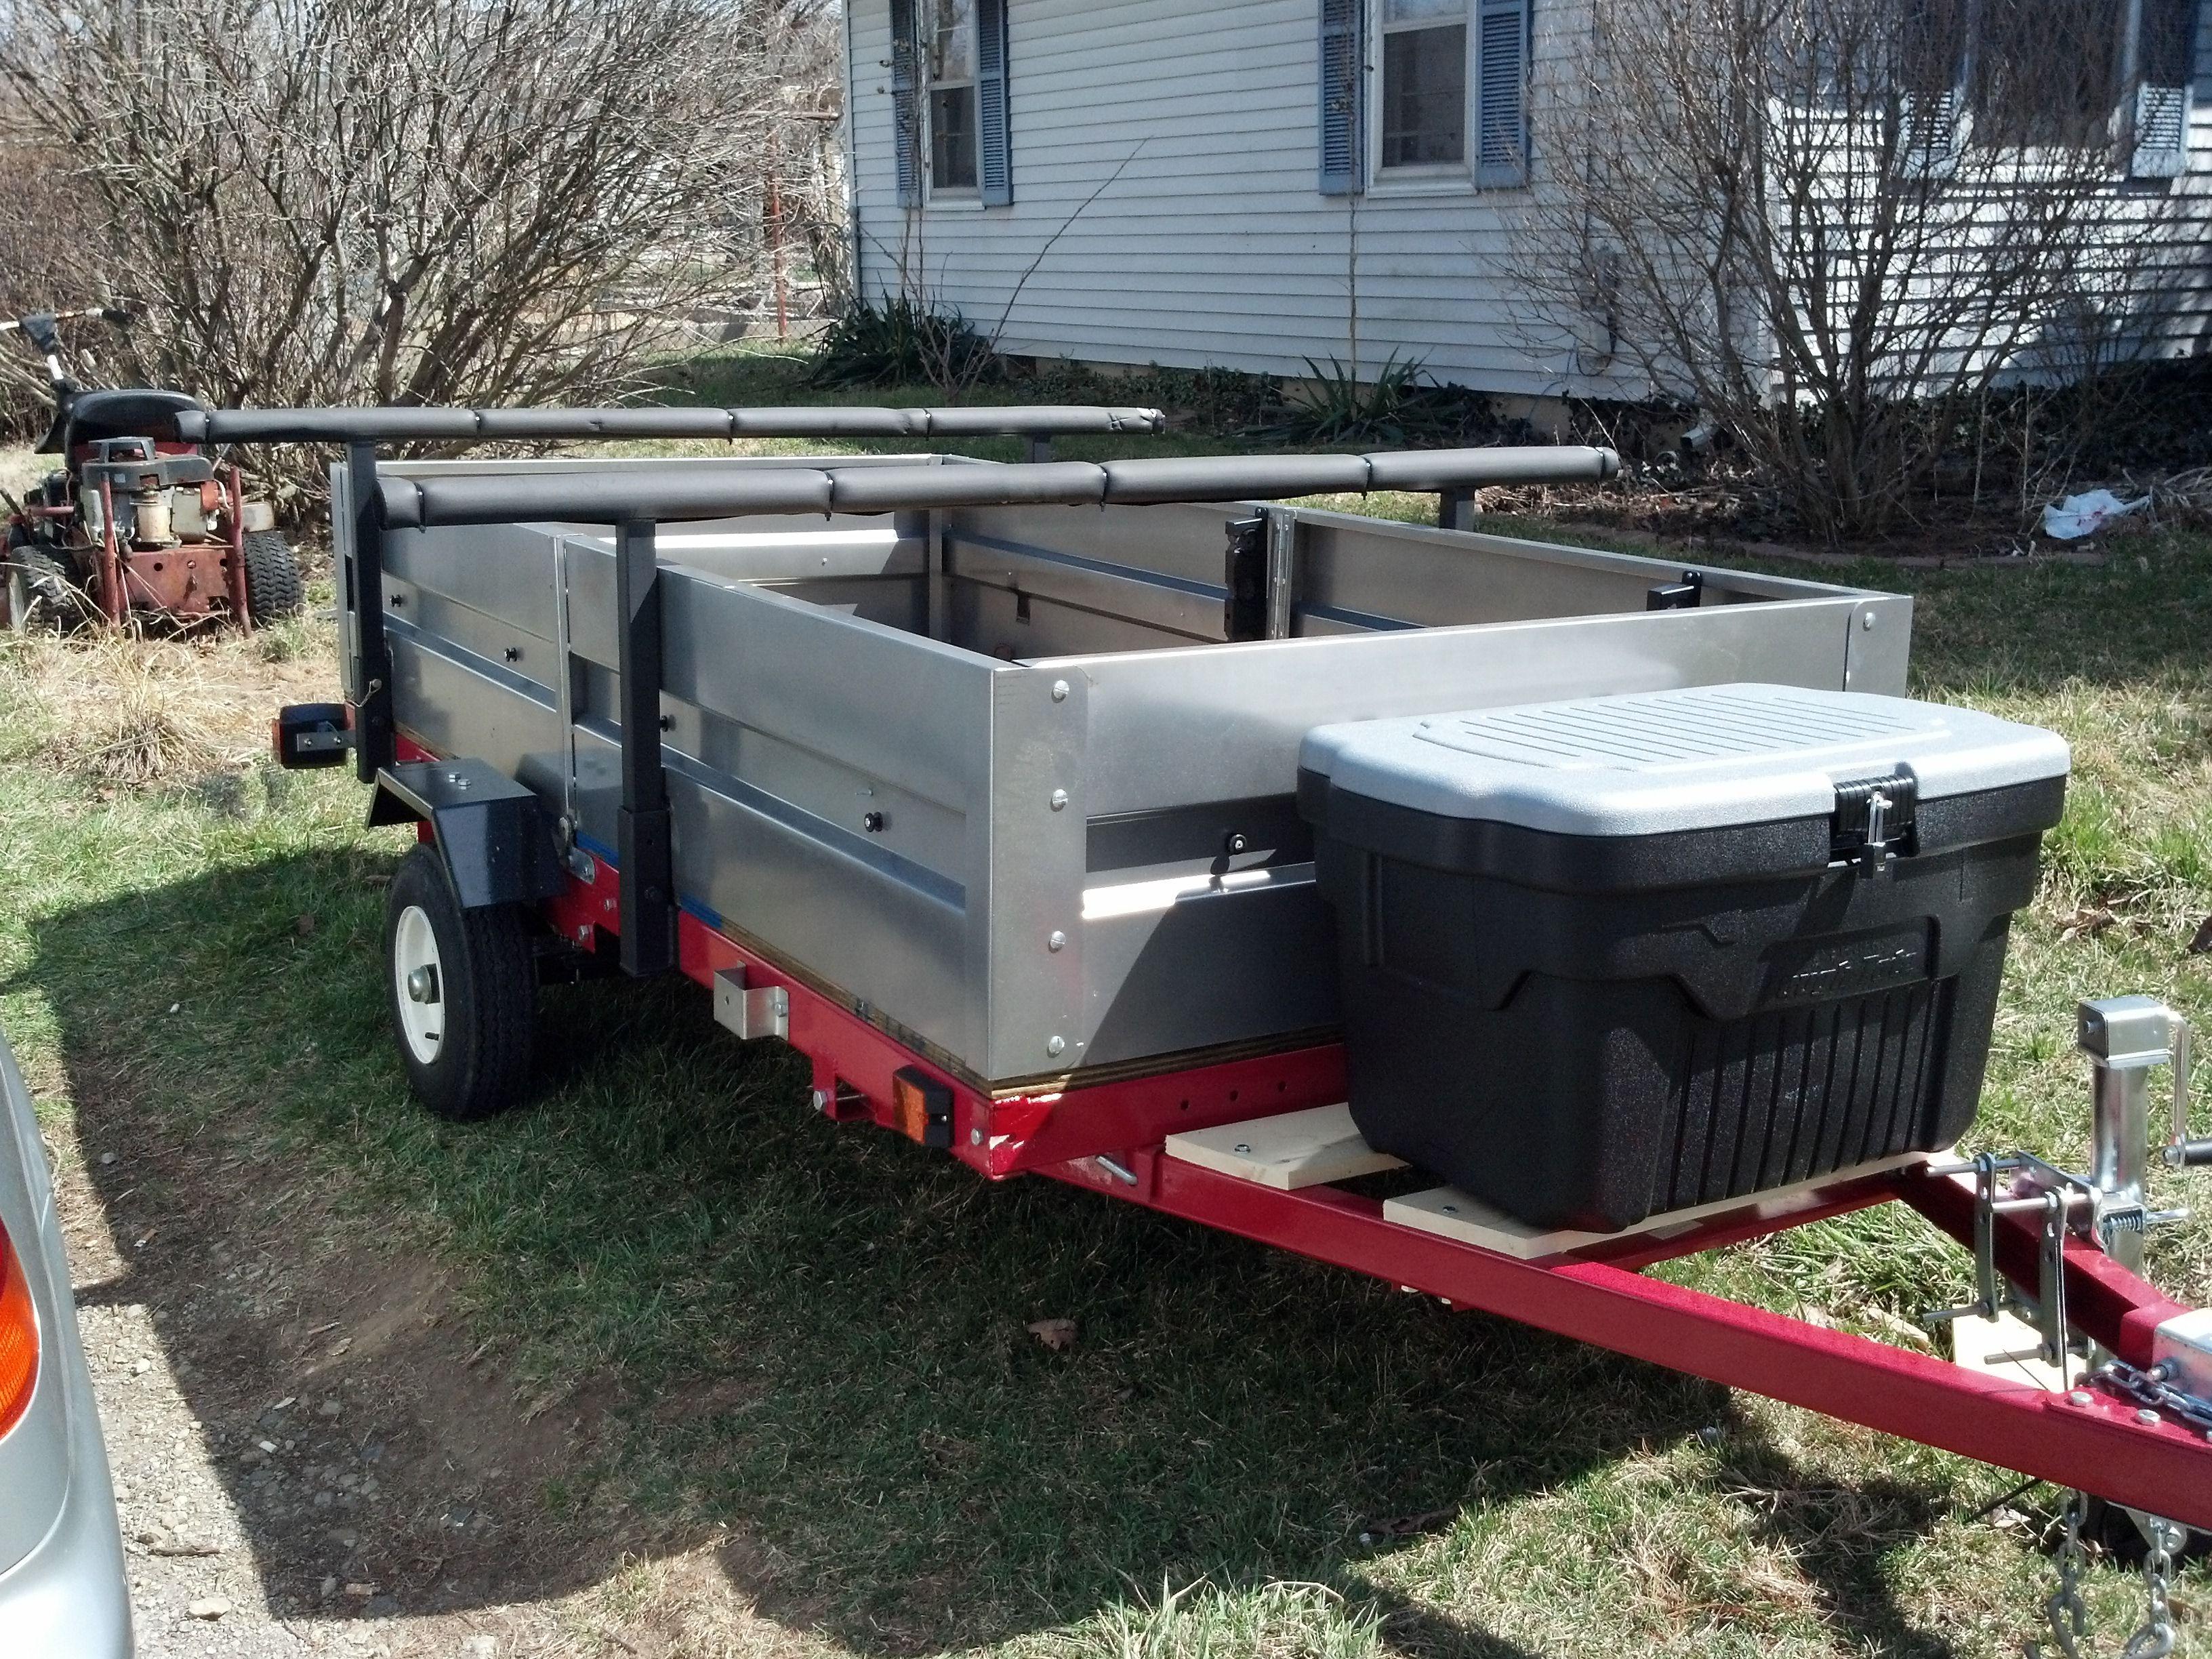 hacking a harbor freight trailer kit kayak edition geek fish